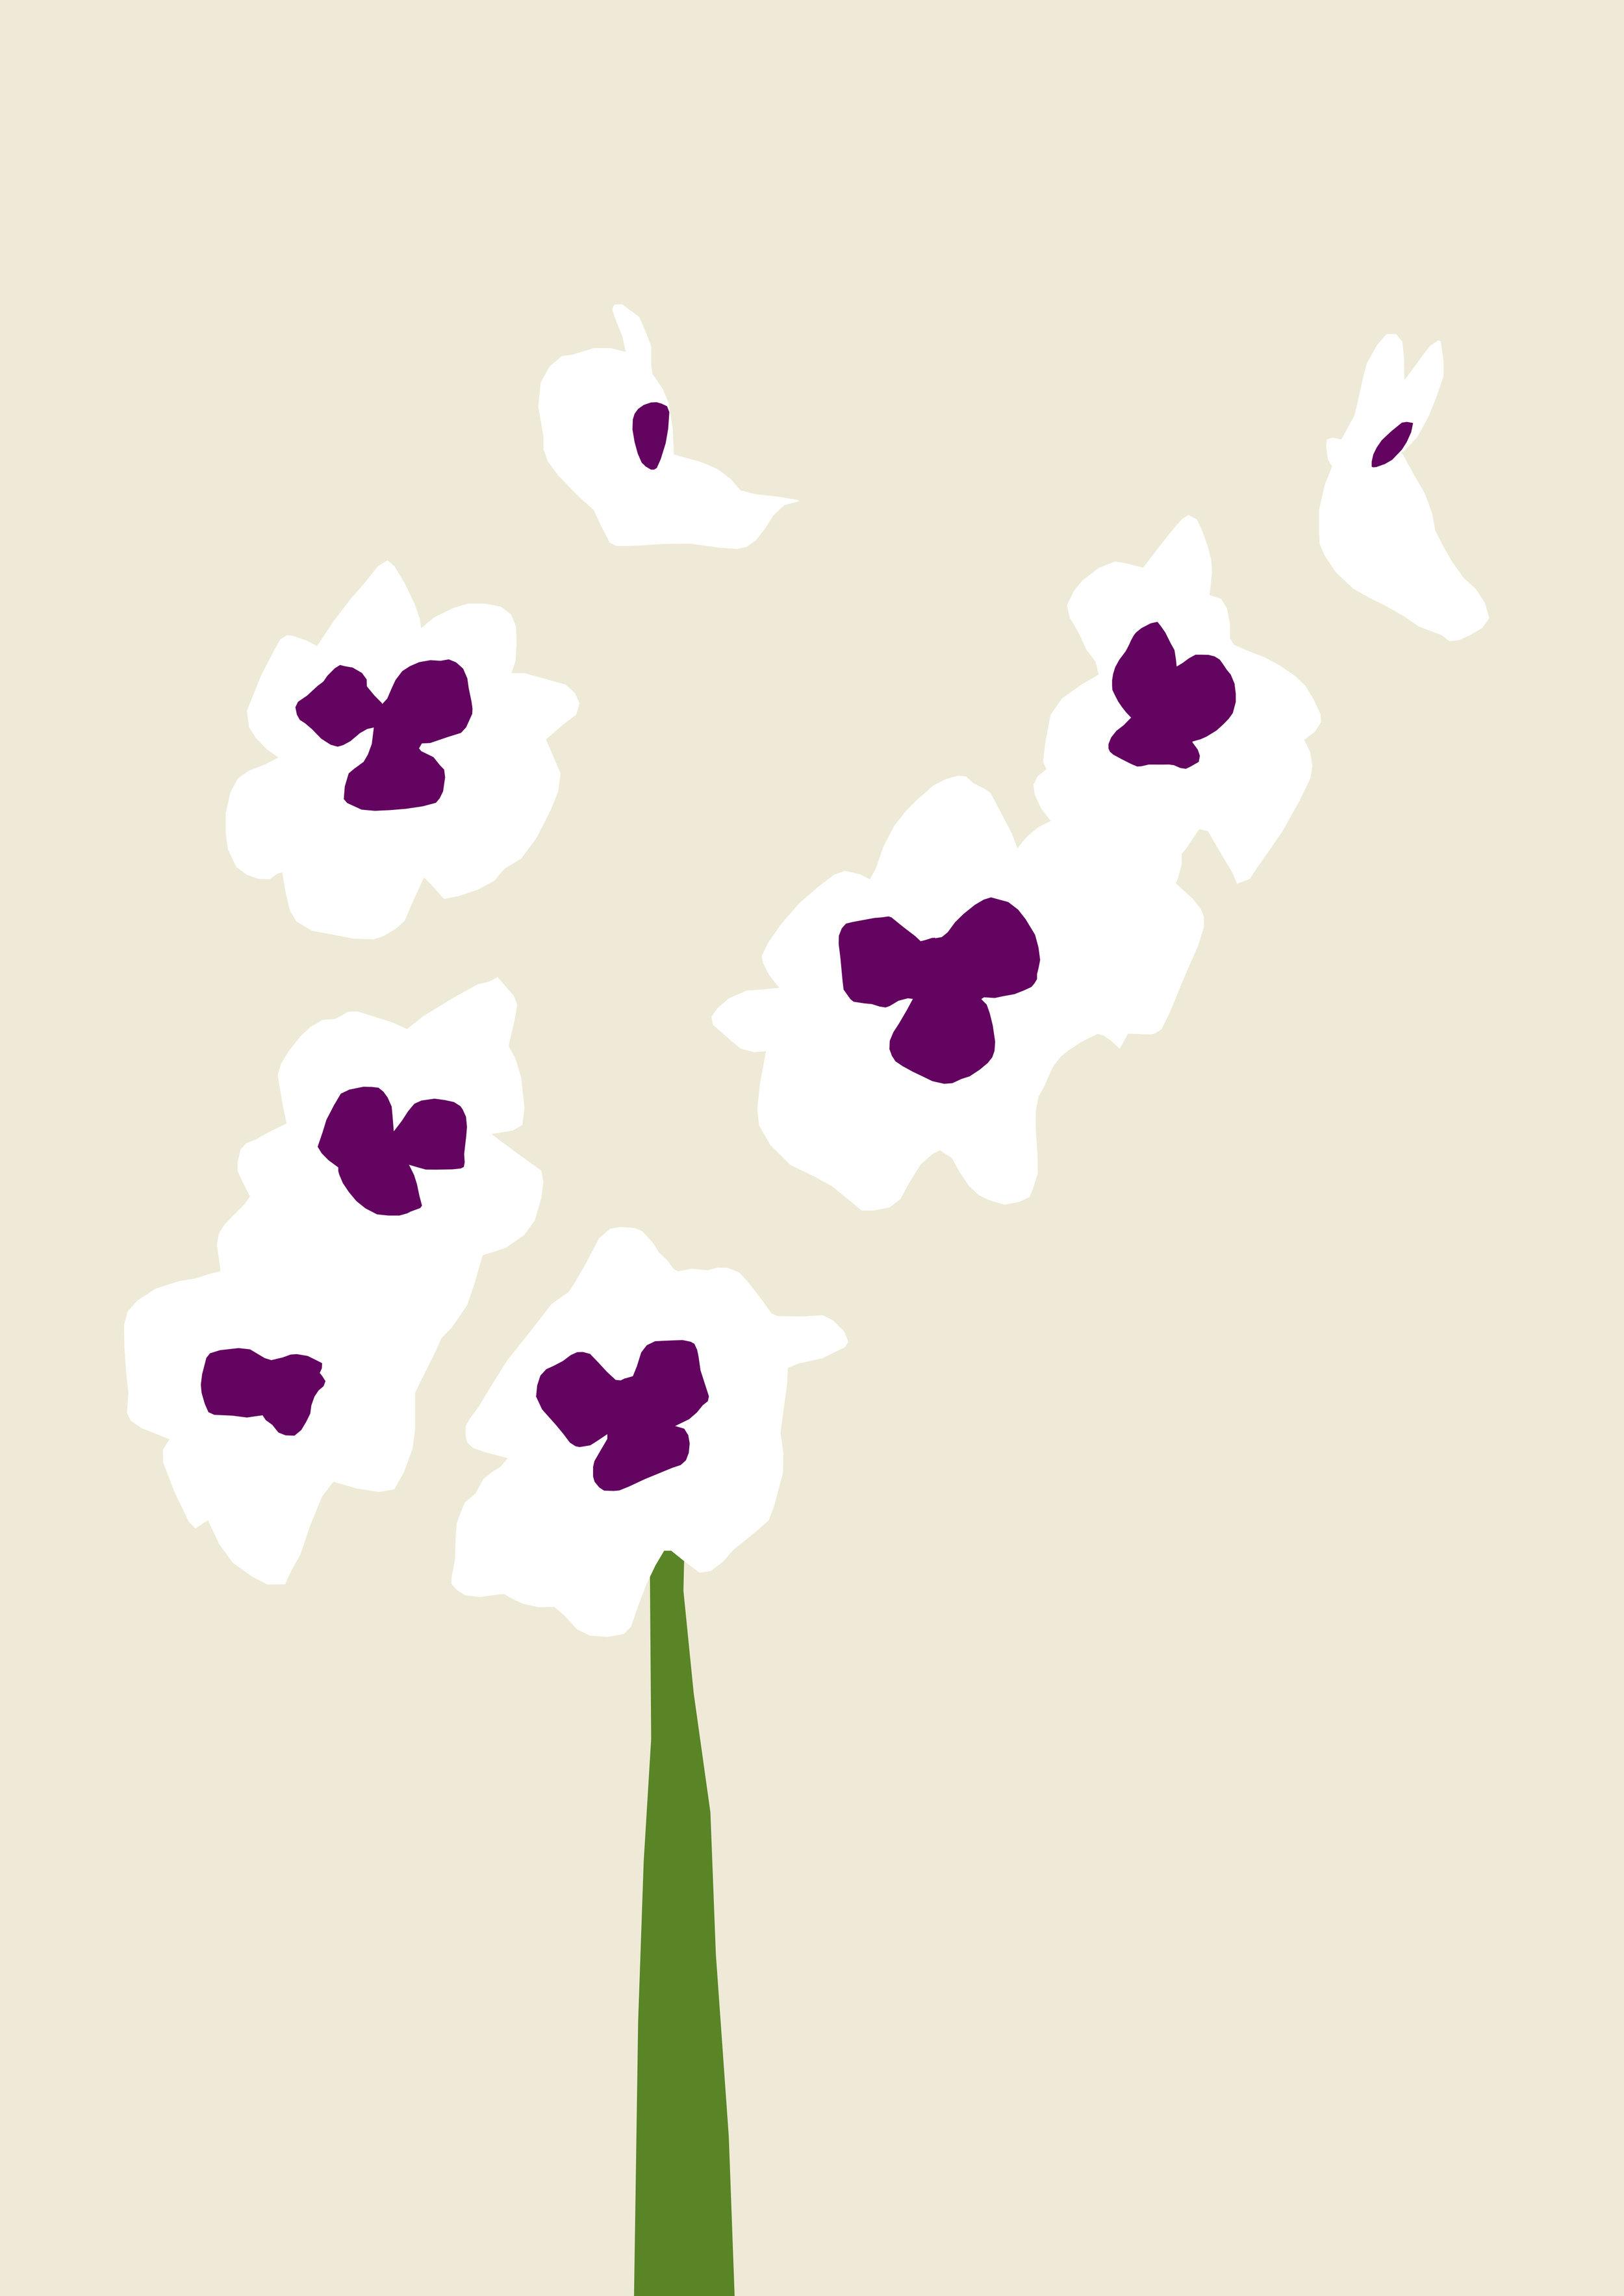 Flowers_6.jpg